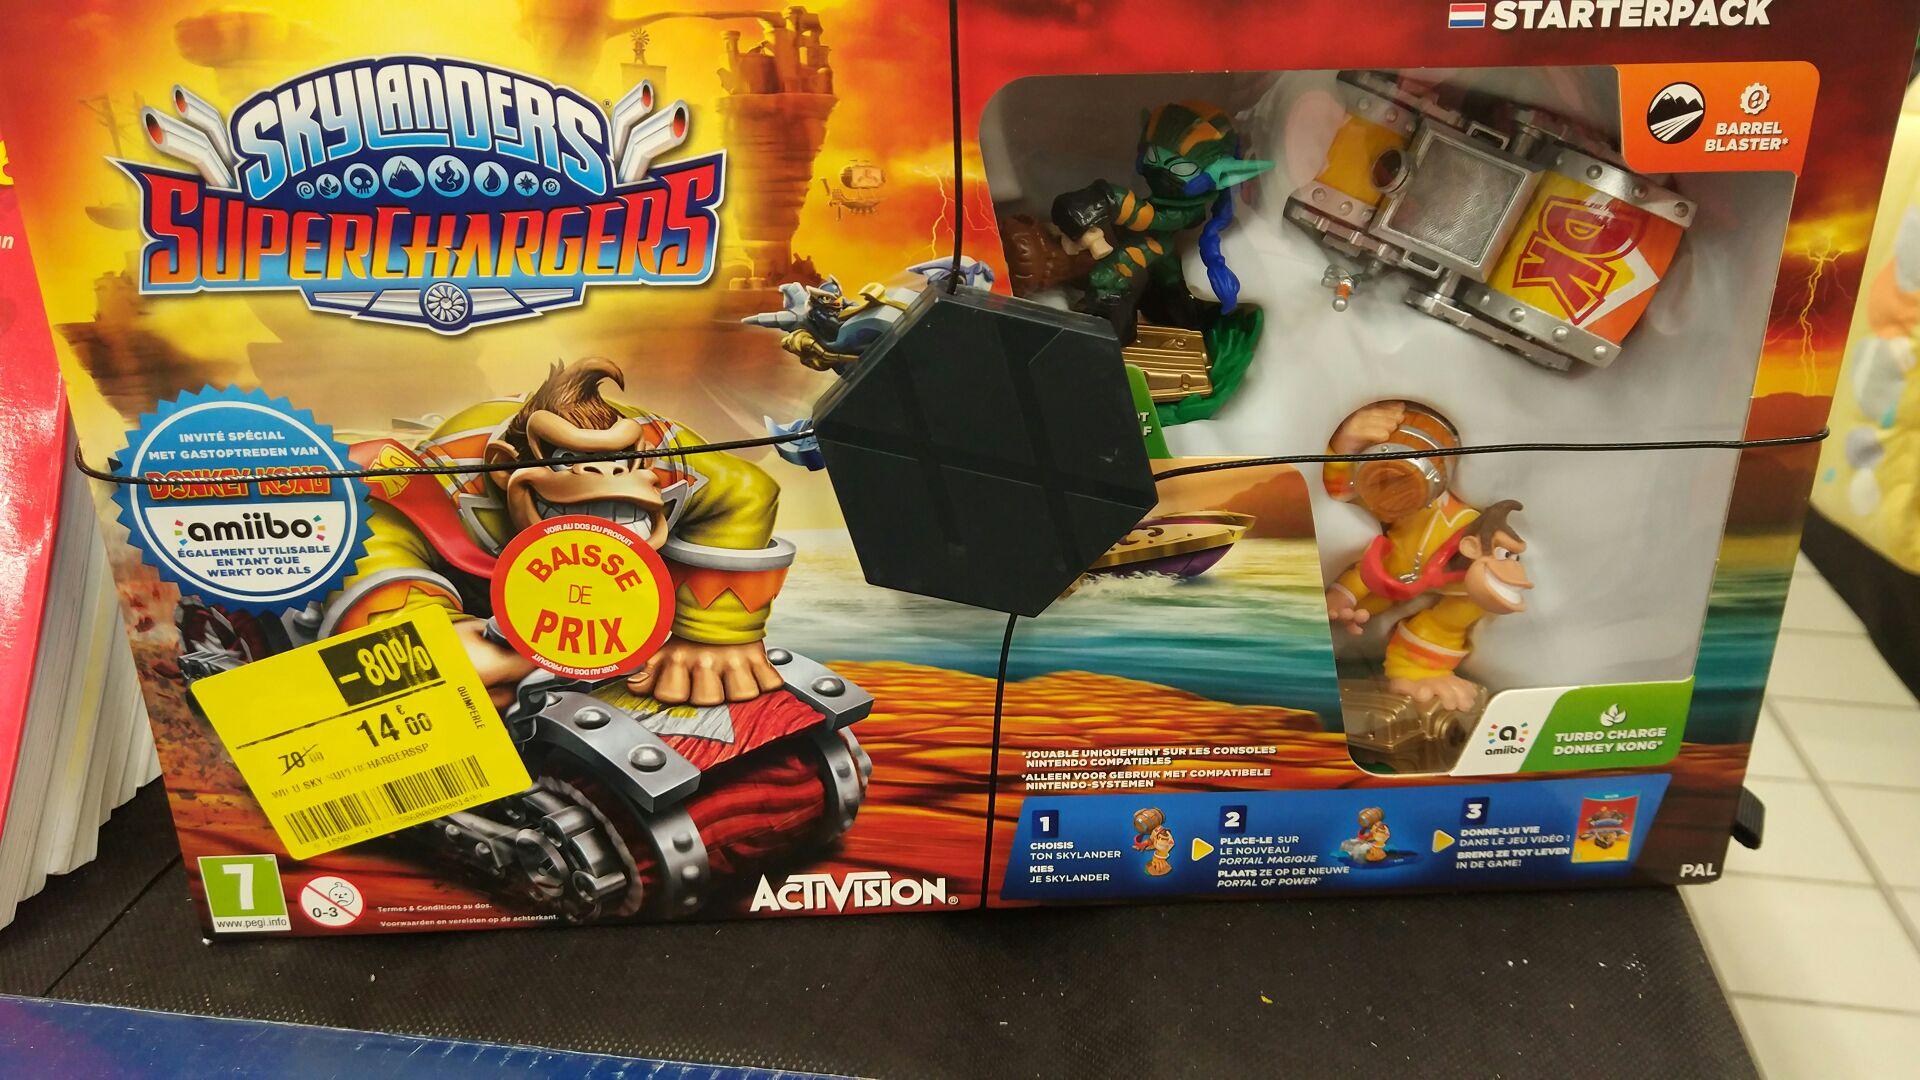 Skylanders superchargers sur Wii U - Quimperlé (29)